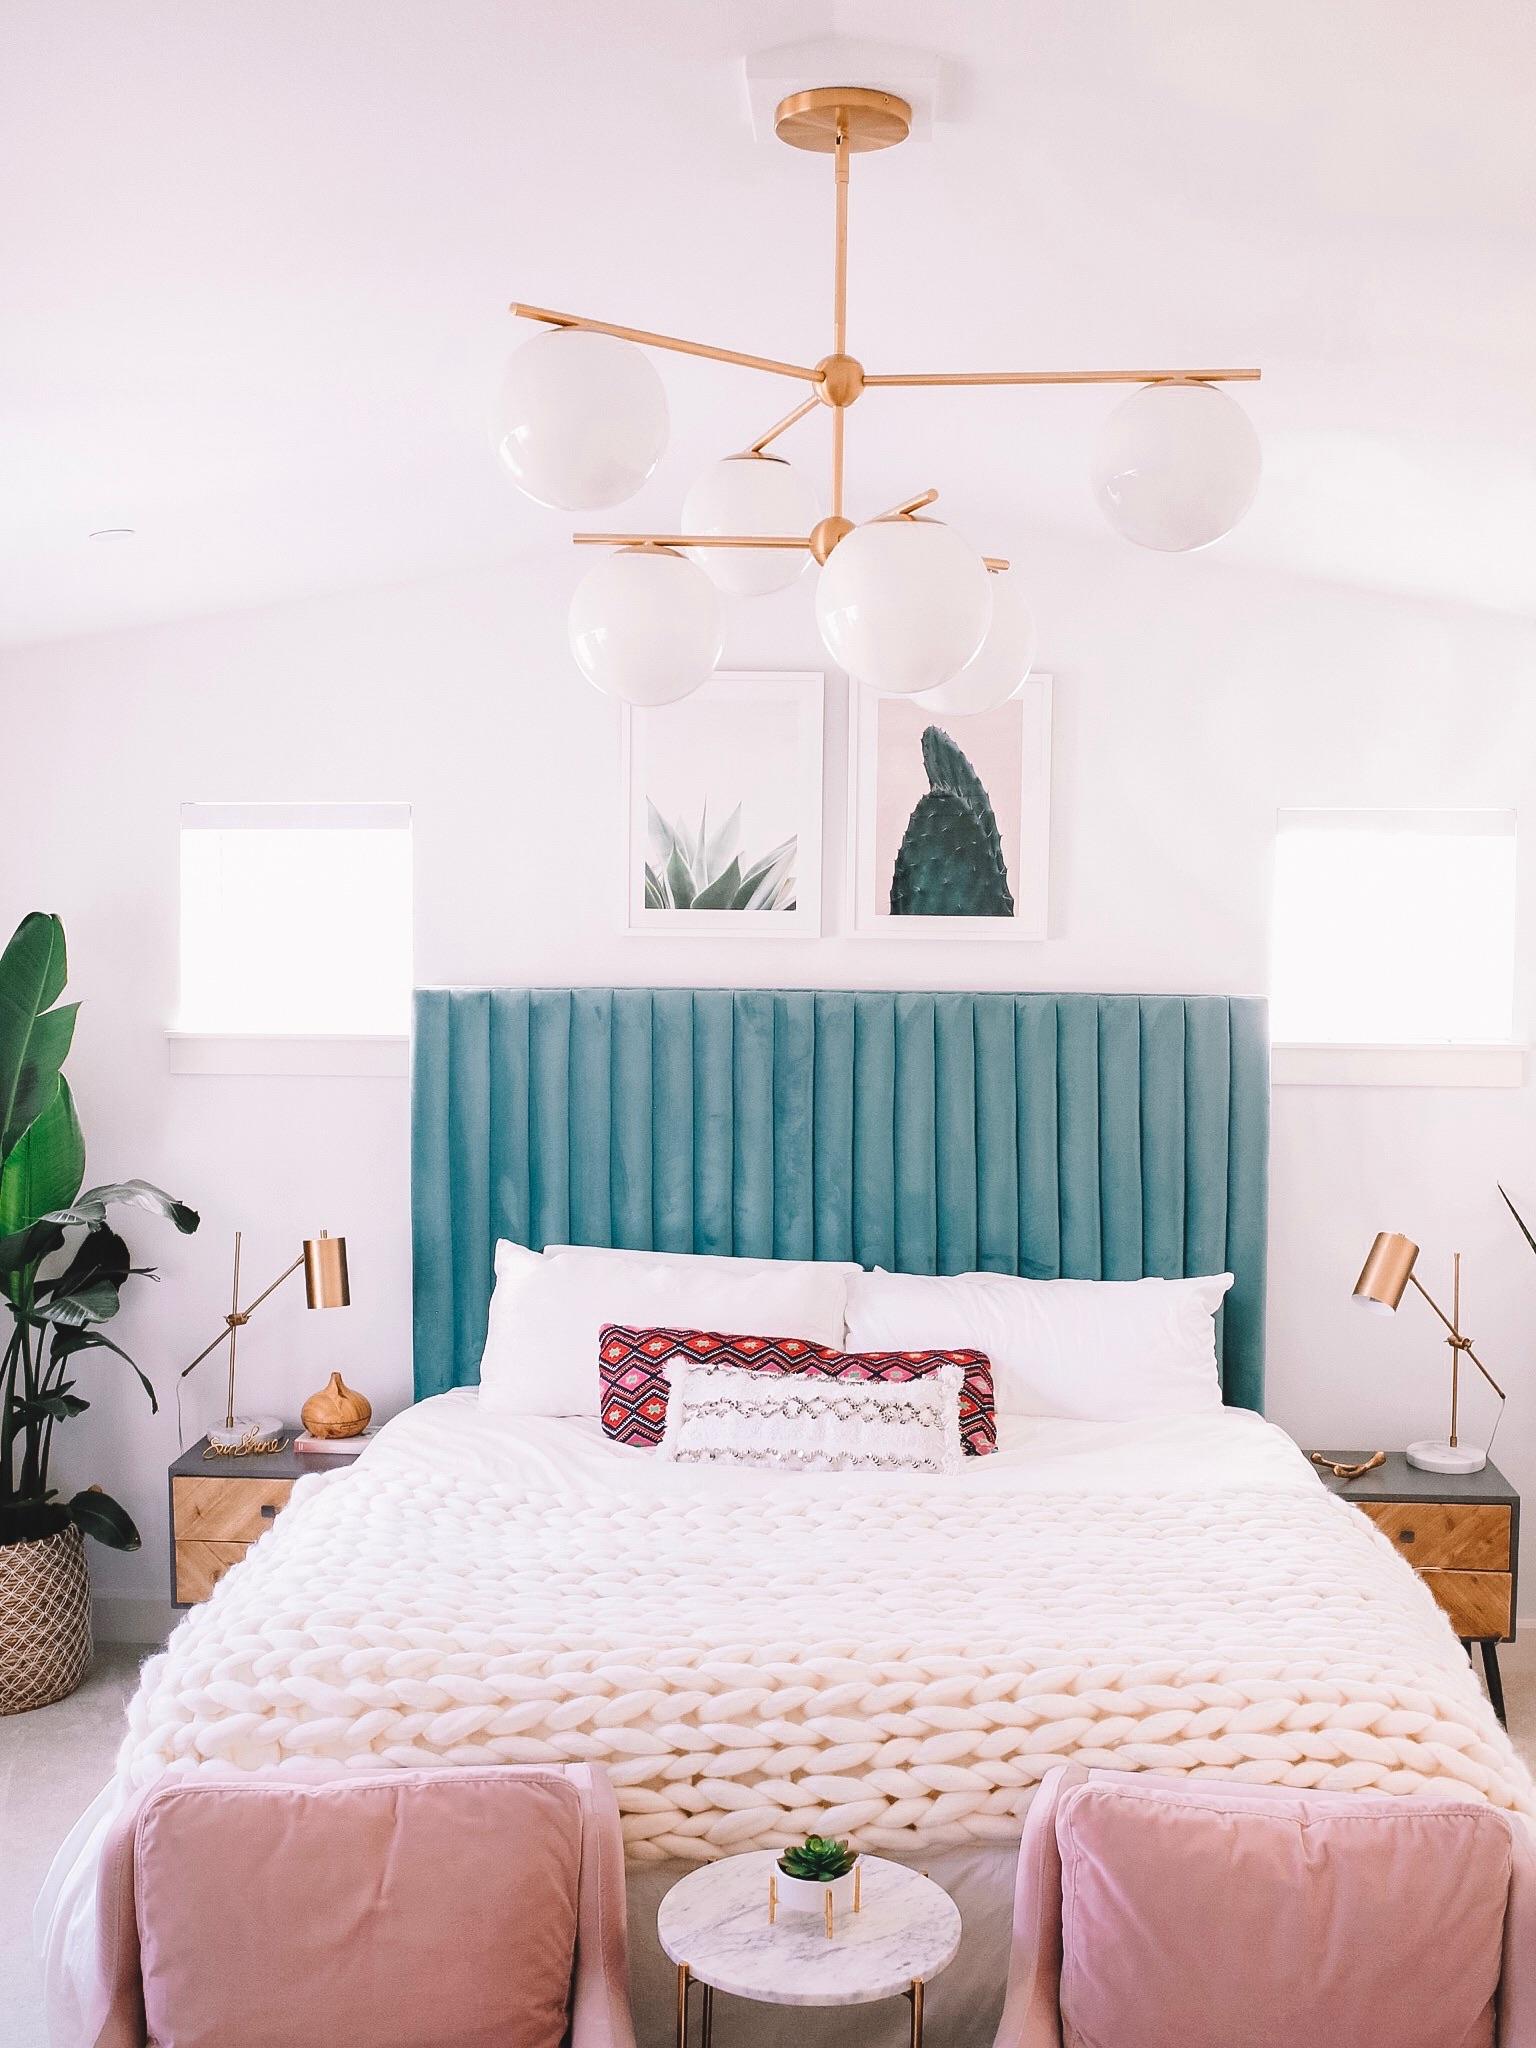 Boho Chic Bedroom Decor Gypsy Tan